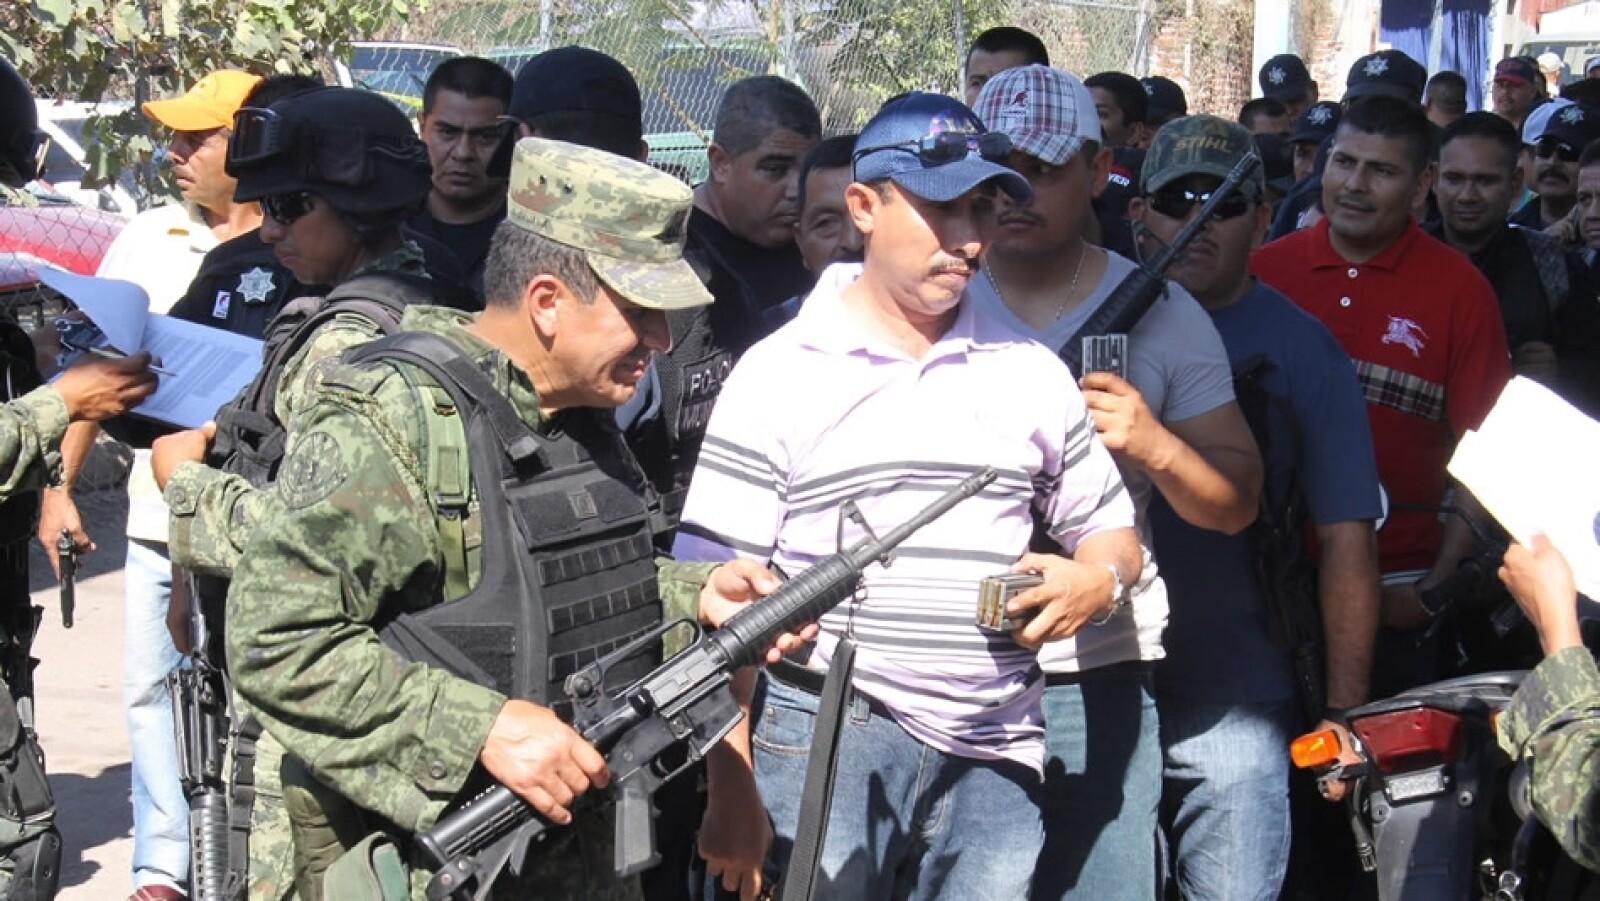 Desarme de policia municipal en Michoacan